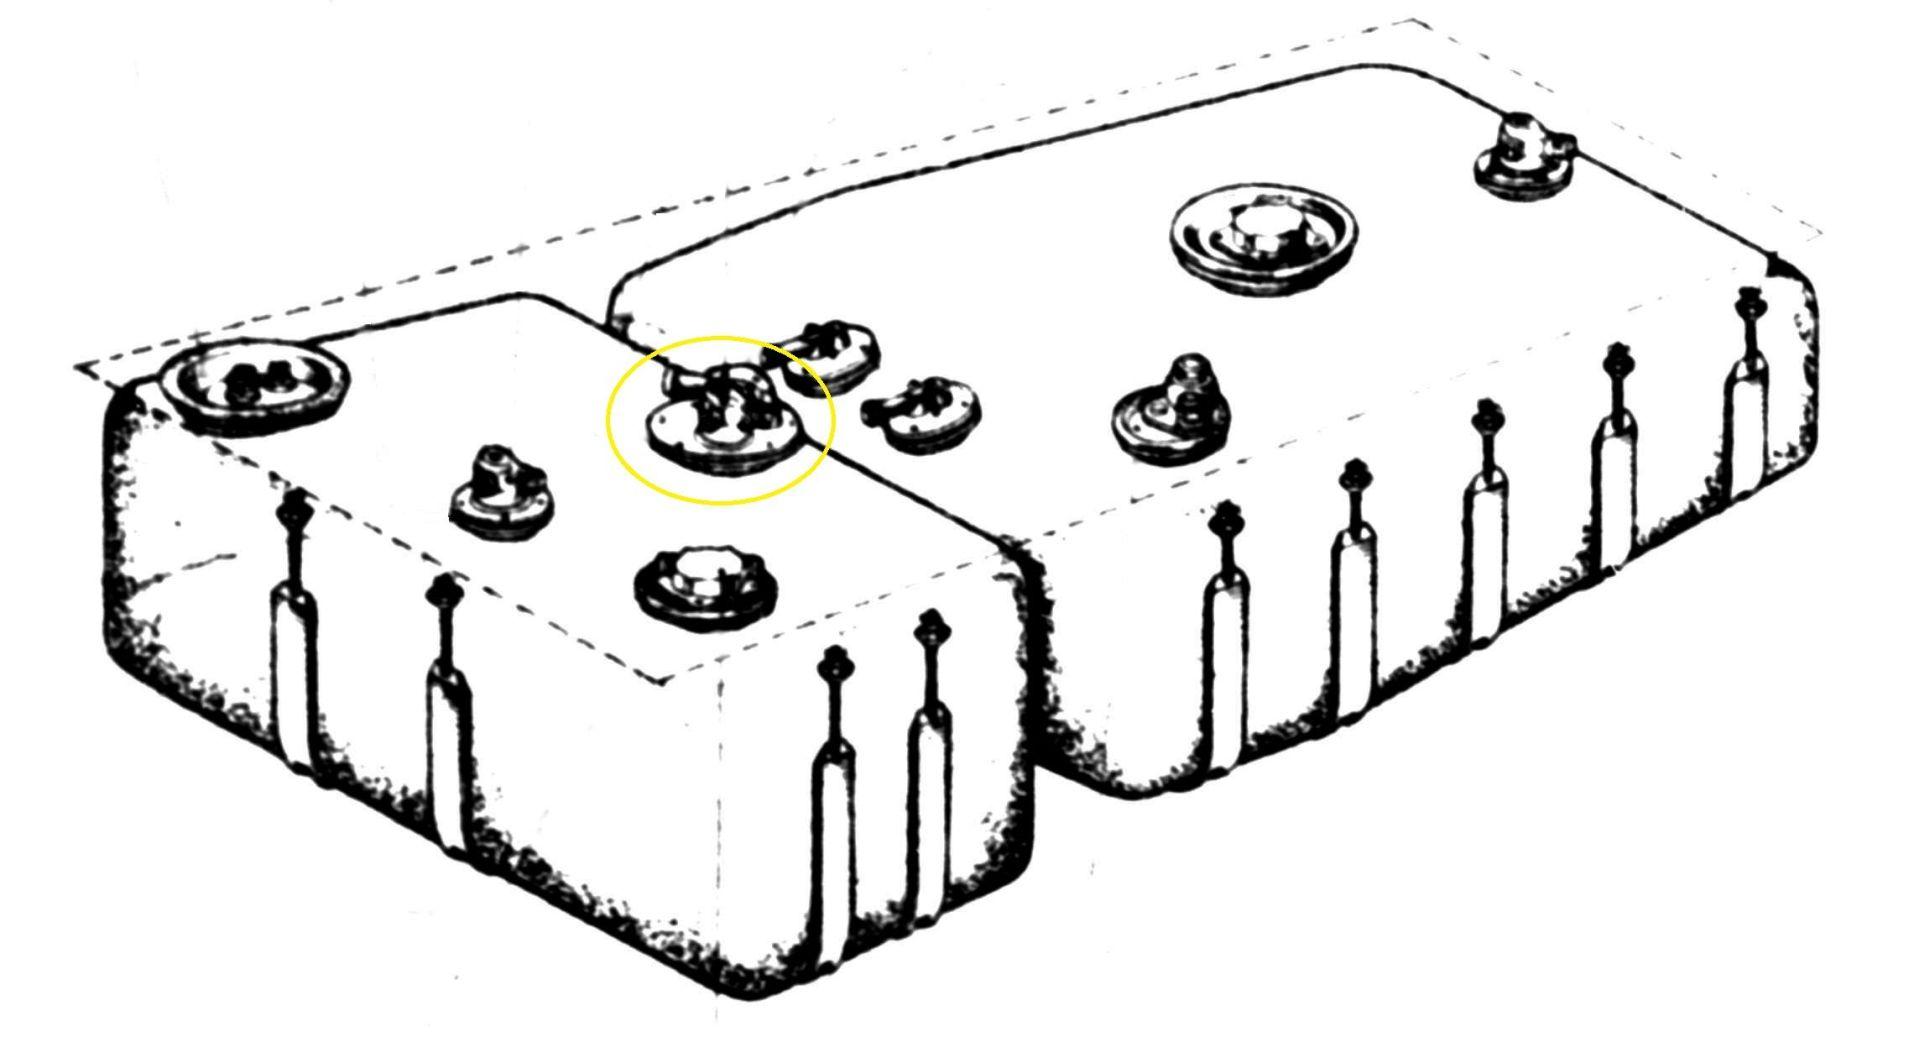 uebersicht-kraftstoffbehaelter